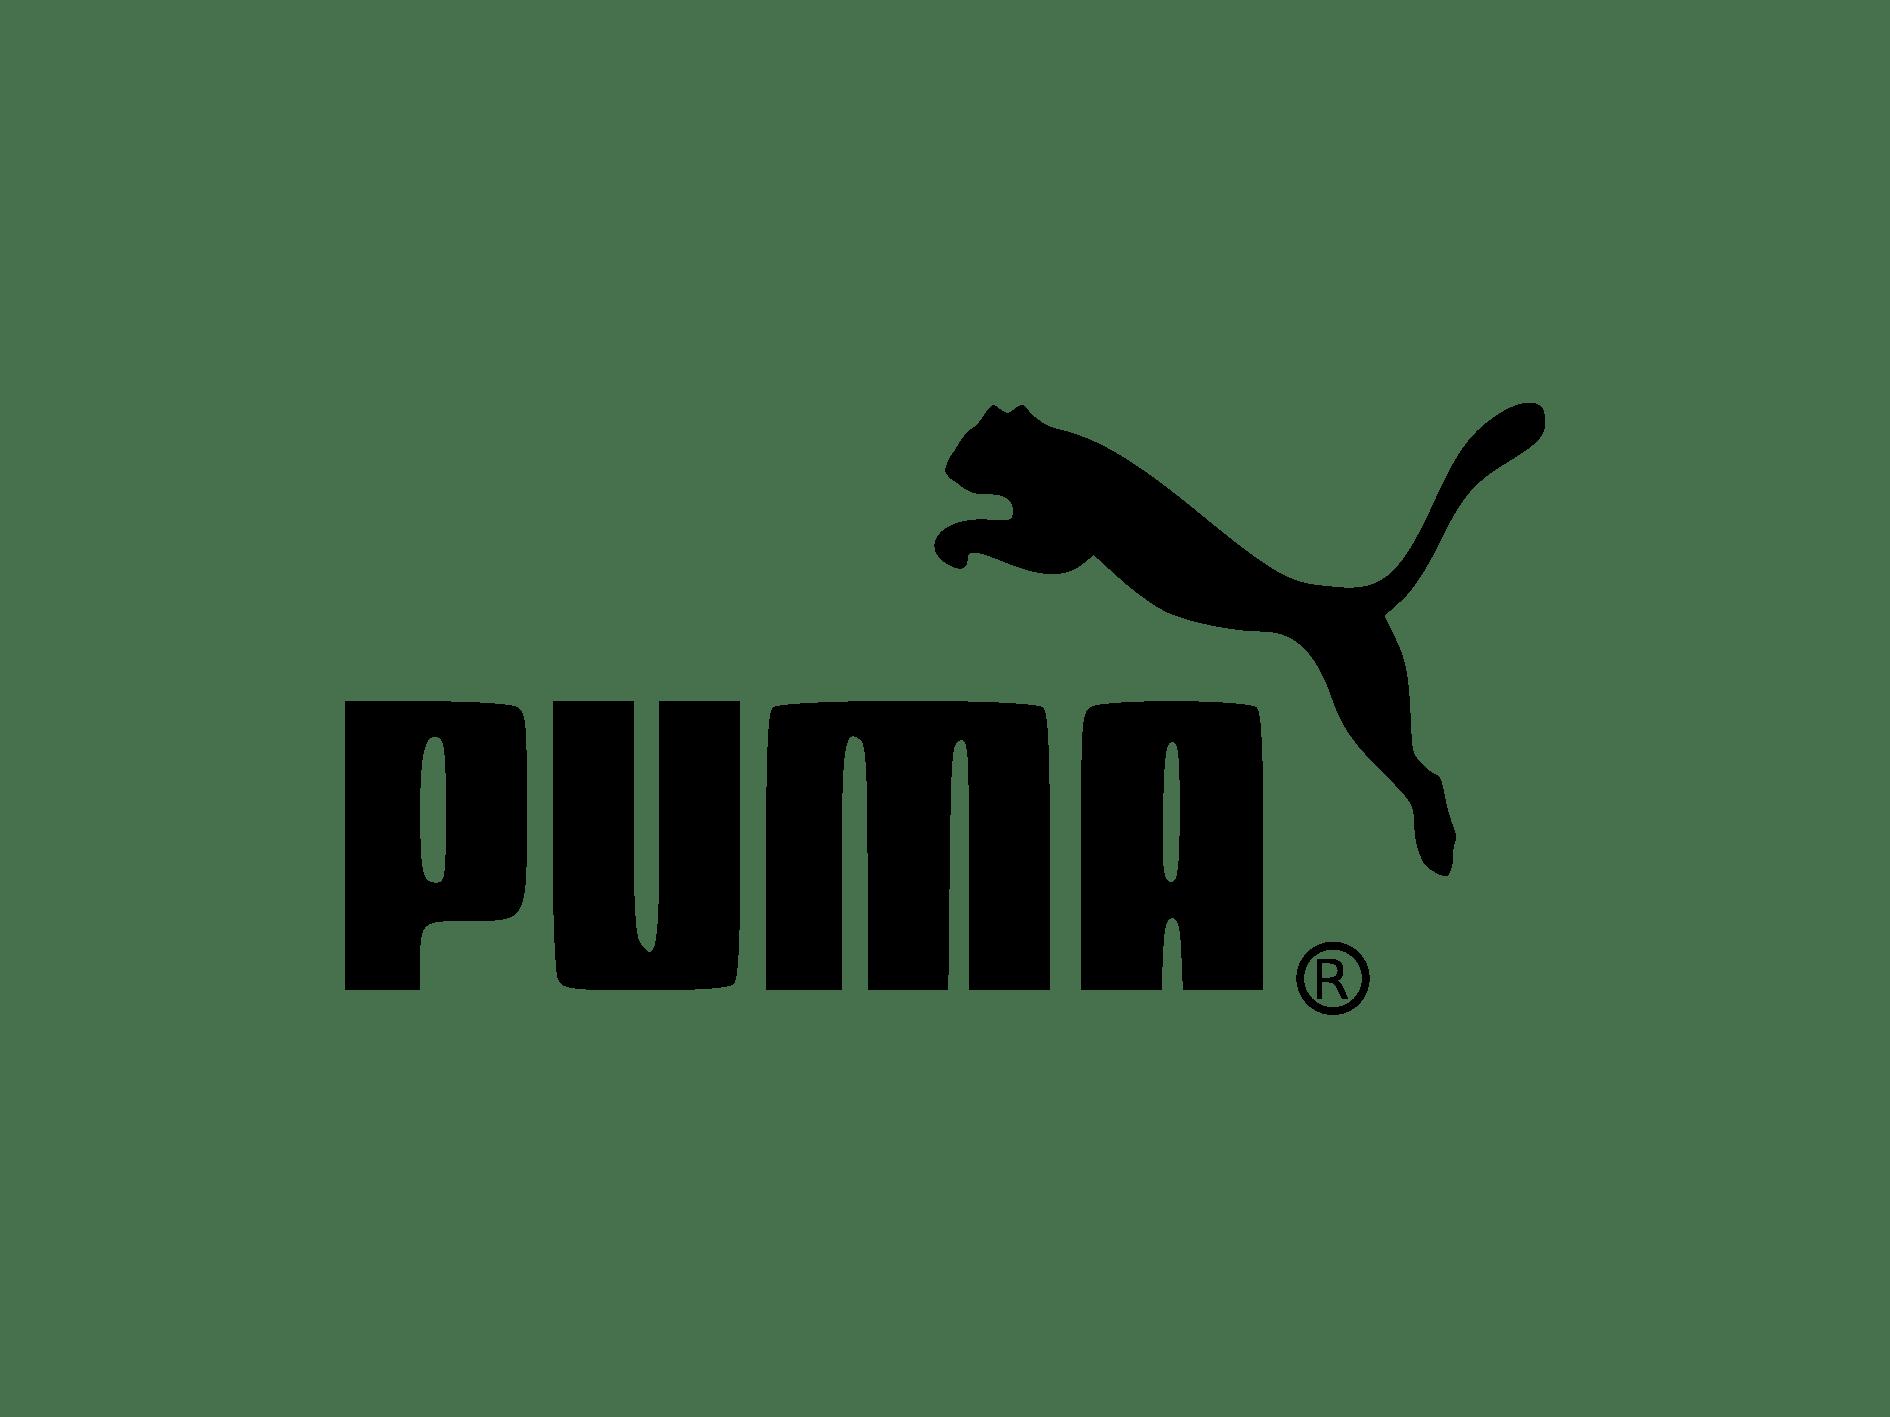 Puma - kiev.karavan.com.ua